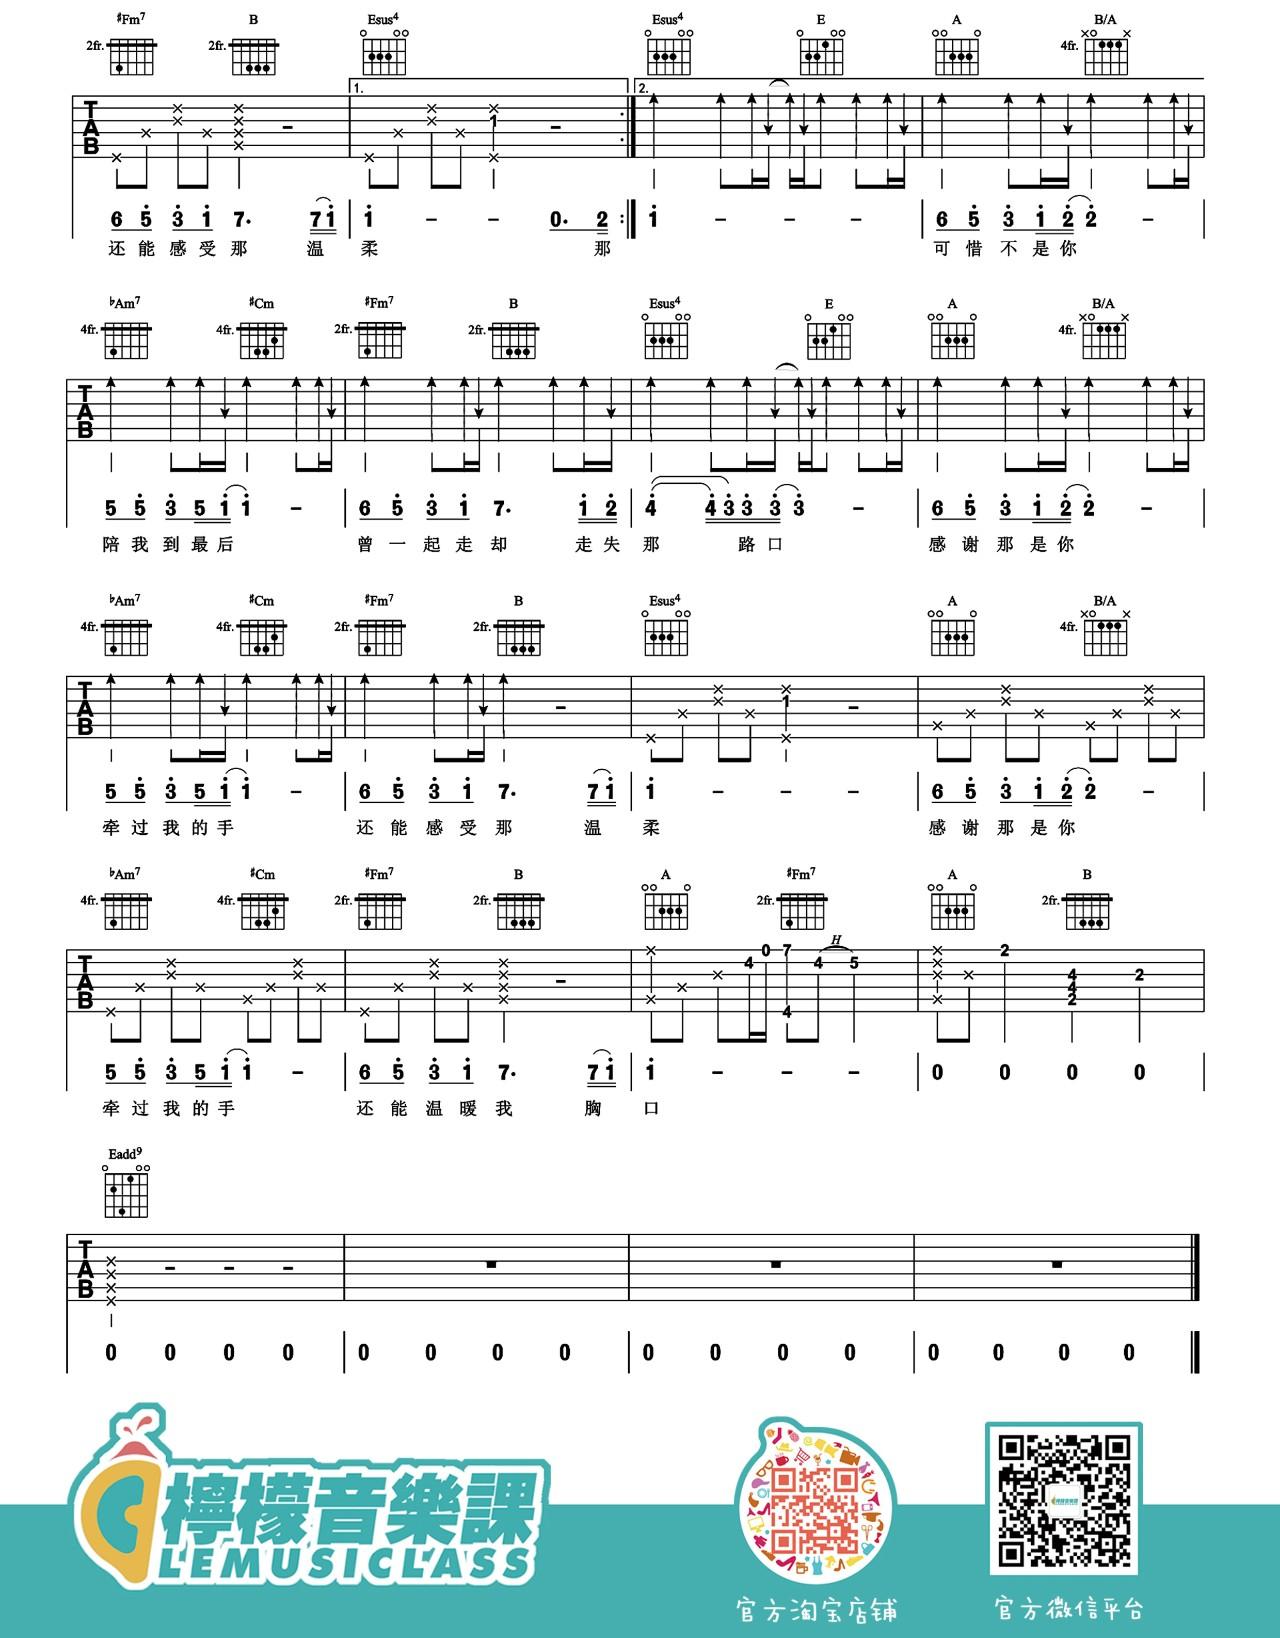 吉他派《可惜不是你》吉他谱-3